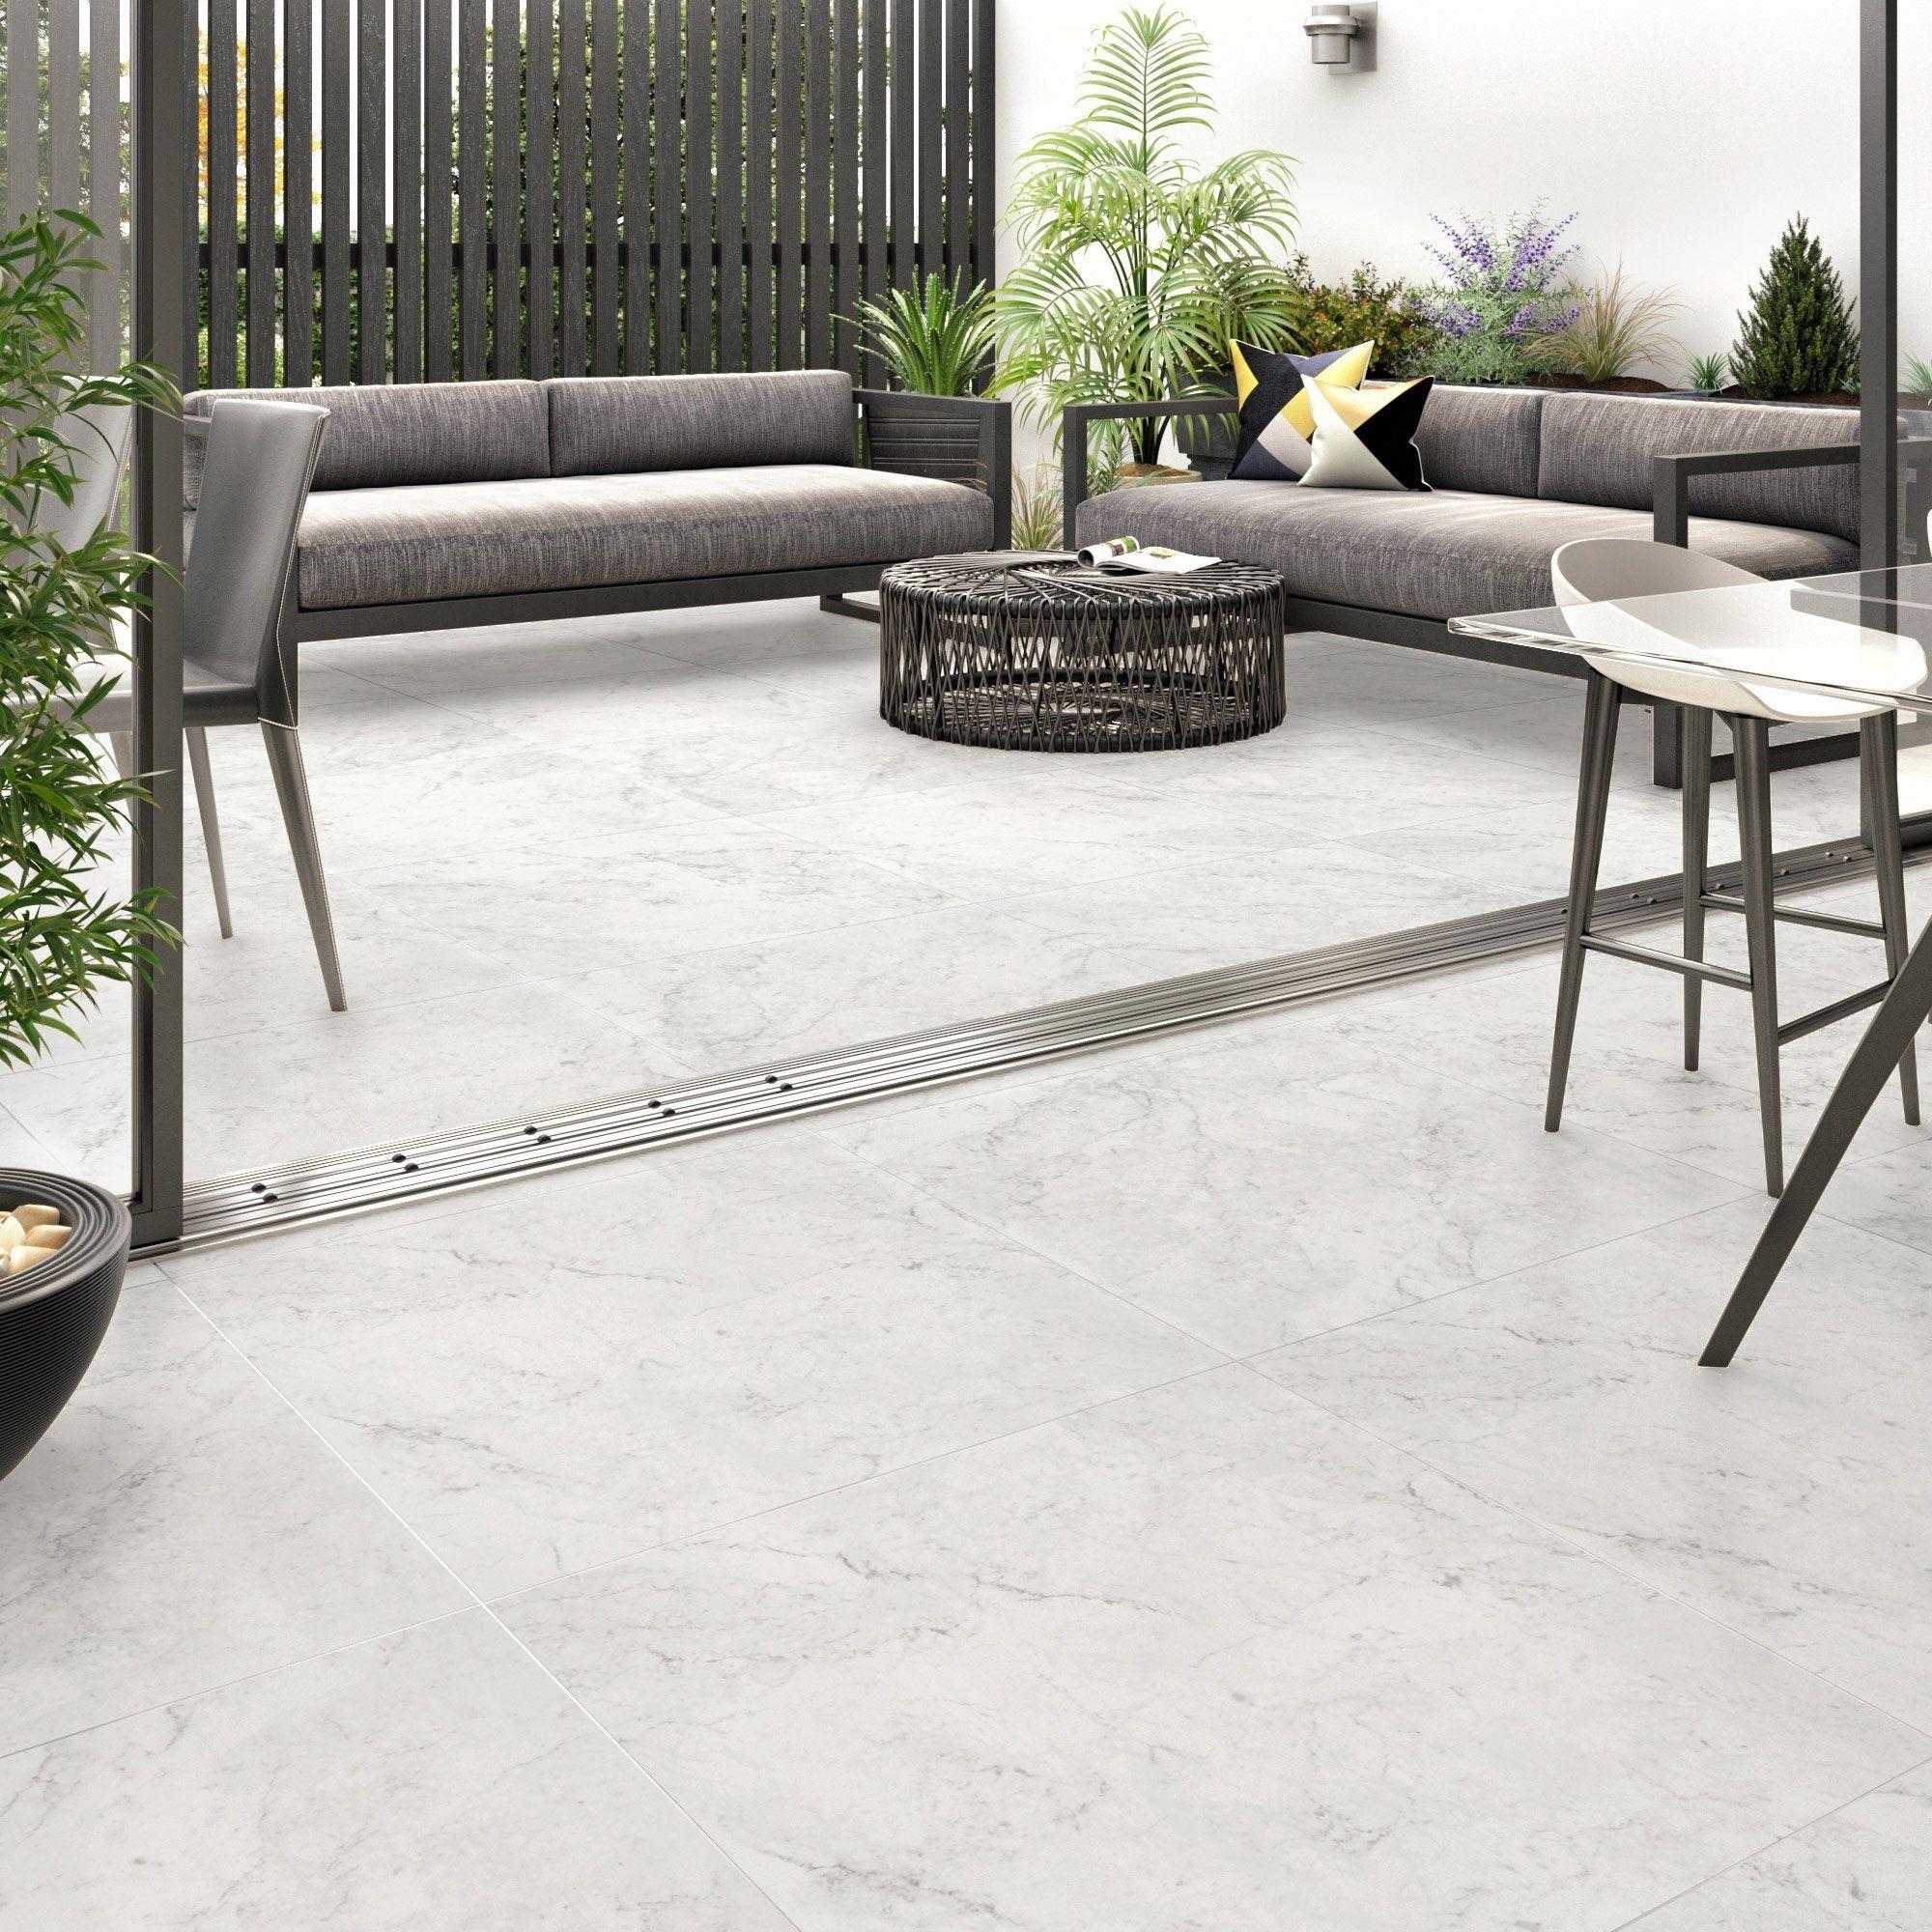 Carrelage Sol Et Mur Intenso Effet Marbre Blanc Cos L 80 X L 80 Cm Cerim Inspire En 2020 Carrelage Sol Decoration Exterieur Marbre Blanc